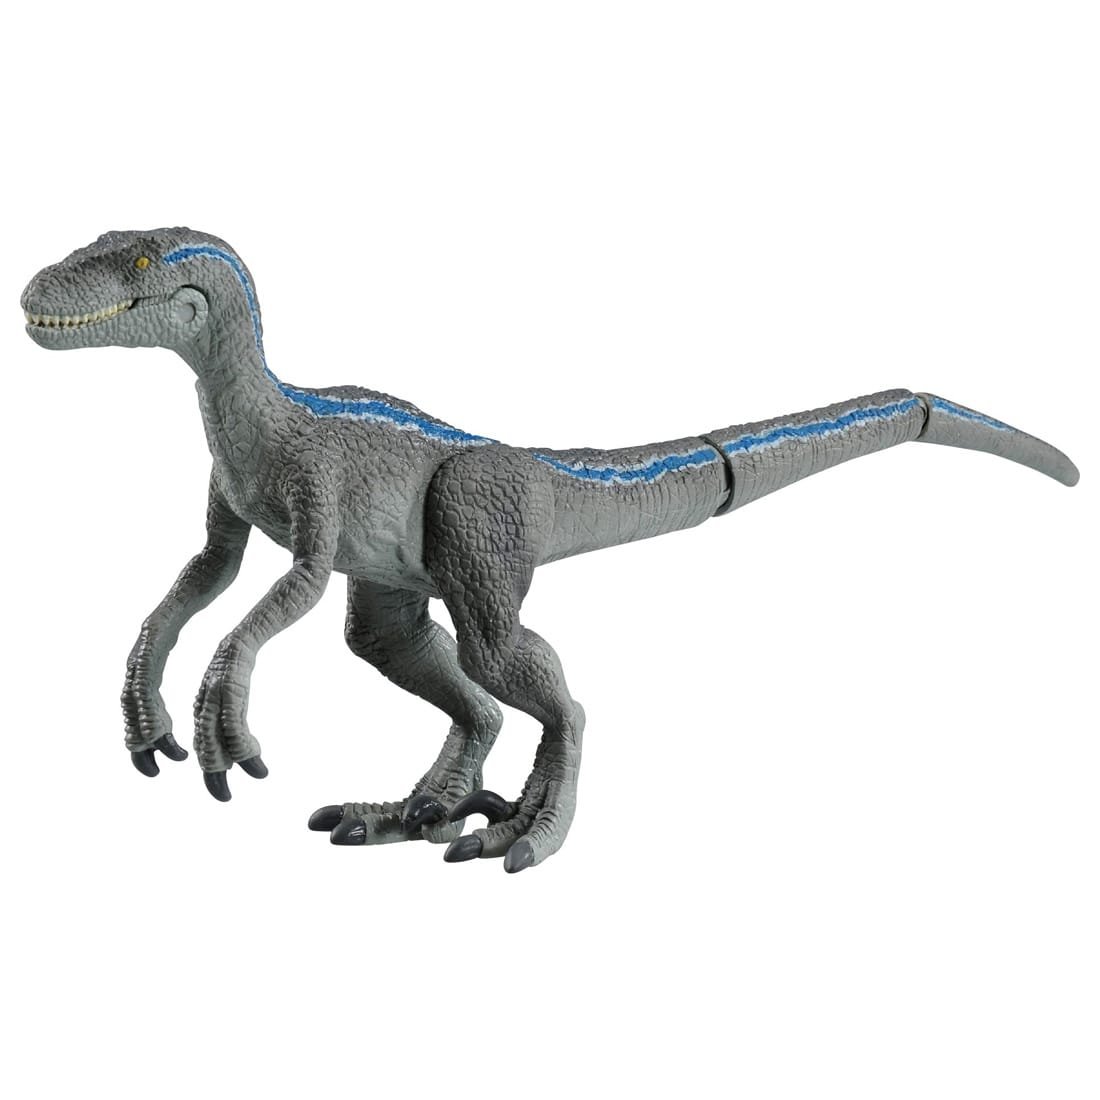 TOMY 動物模型 侏儸紀世界 - 迅猛龍